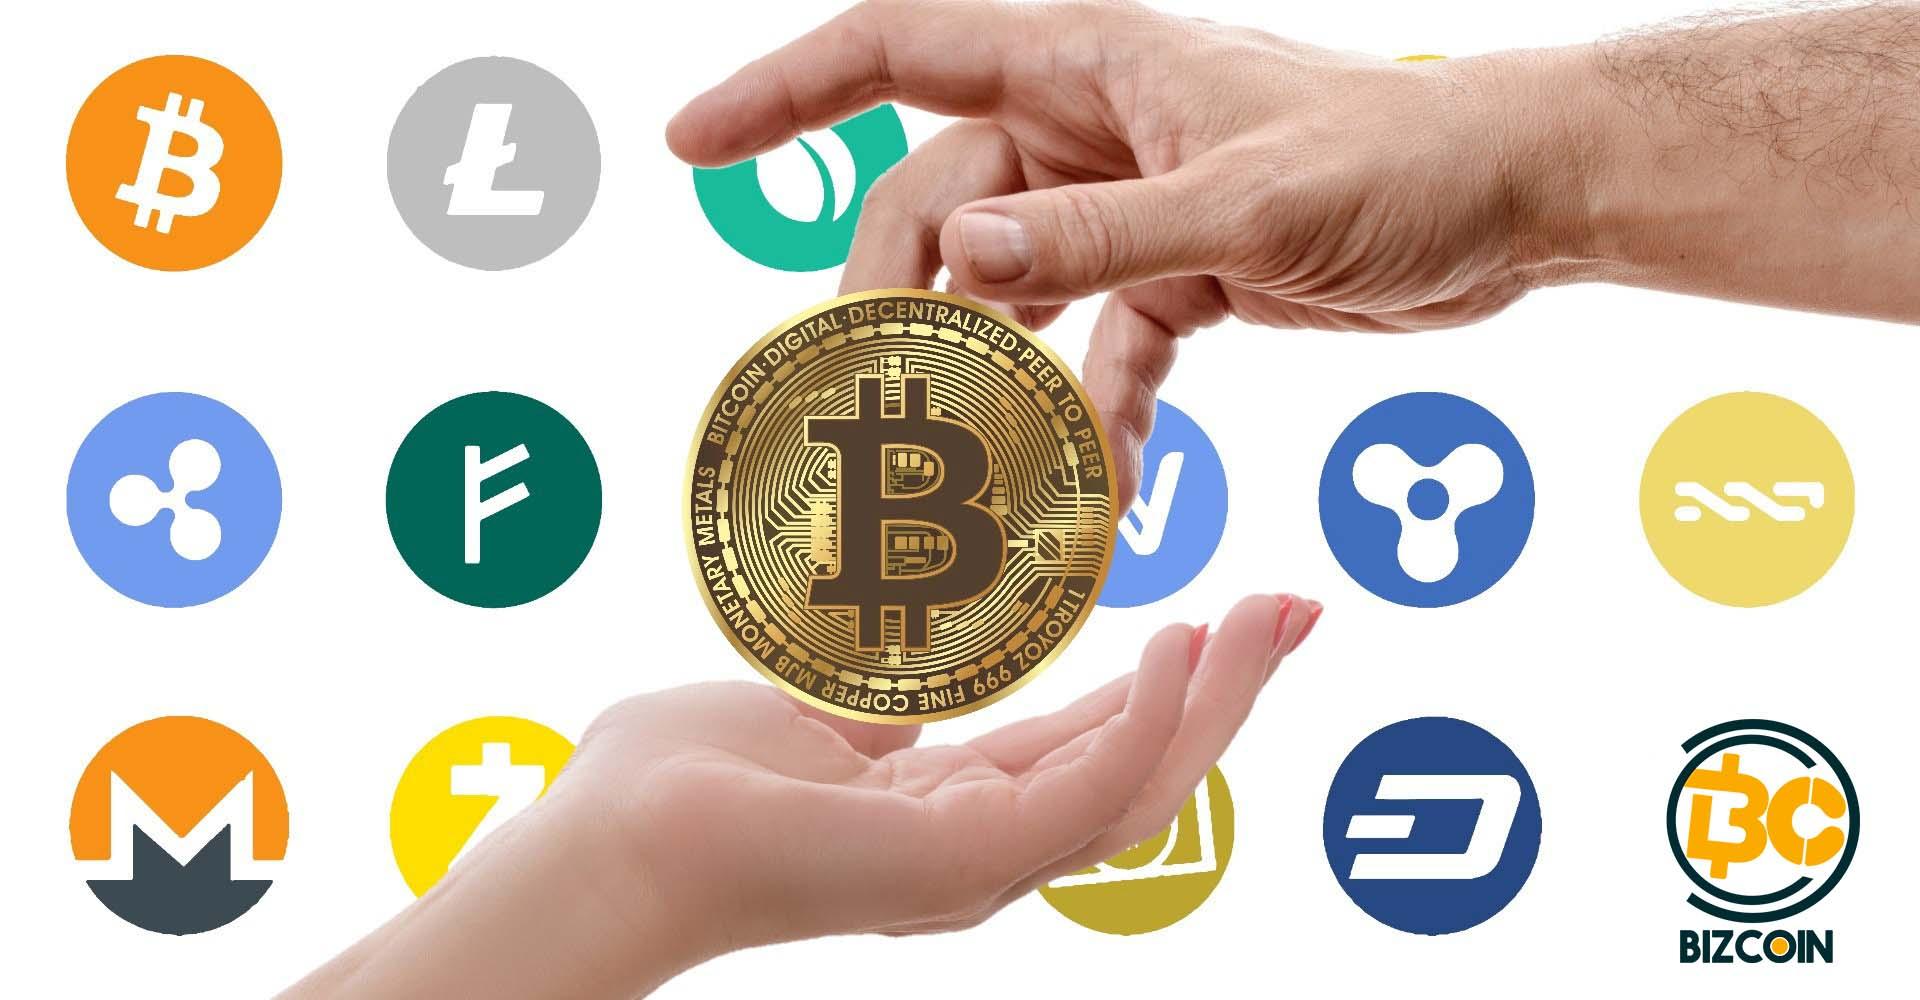 crypto currency 5 ارز دیجیتال بیت کوین از مرز 20 هزار دلار گذشت! – آیا وقت خرید ارز دیجیتال رسیده است؟